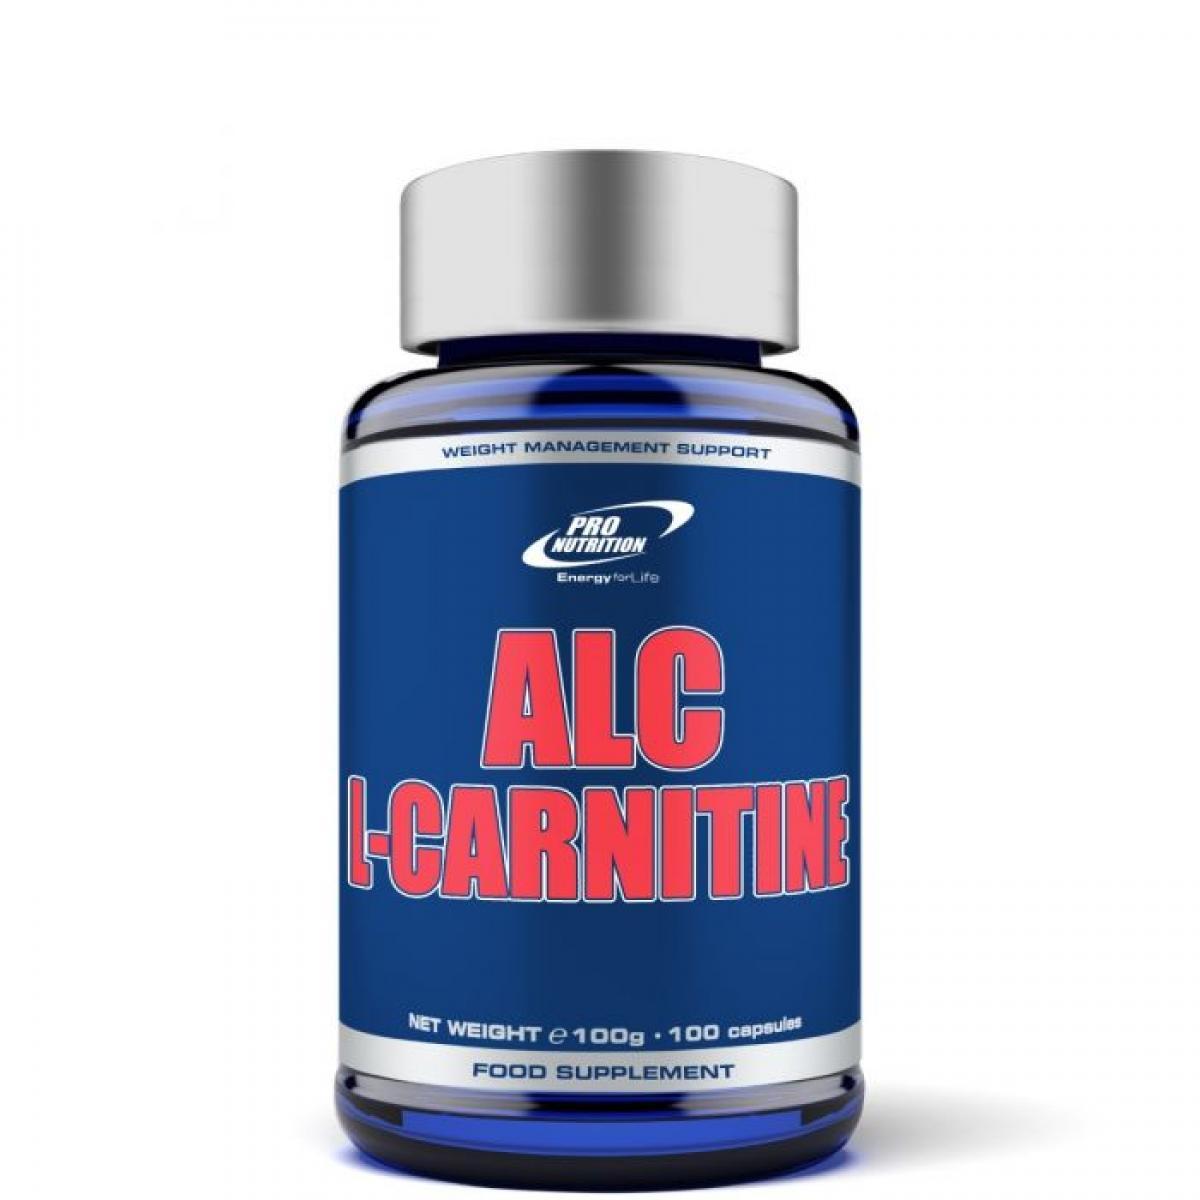 ALC L-CARNITINE – ProteineTOP